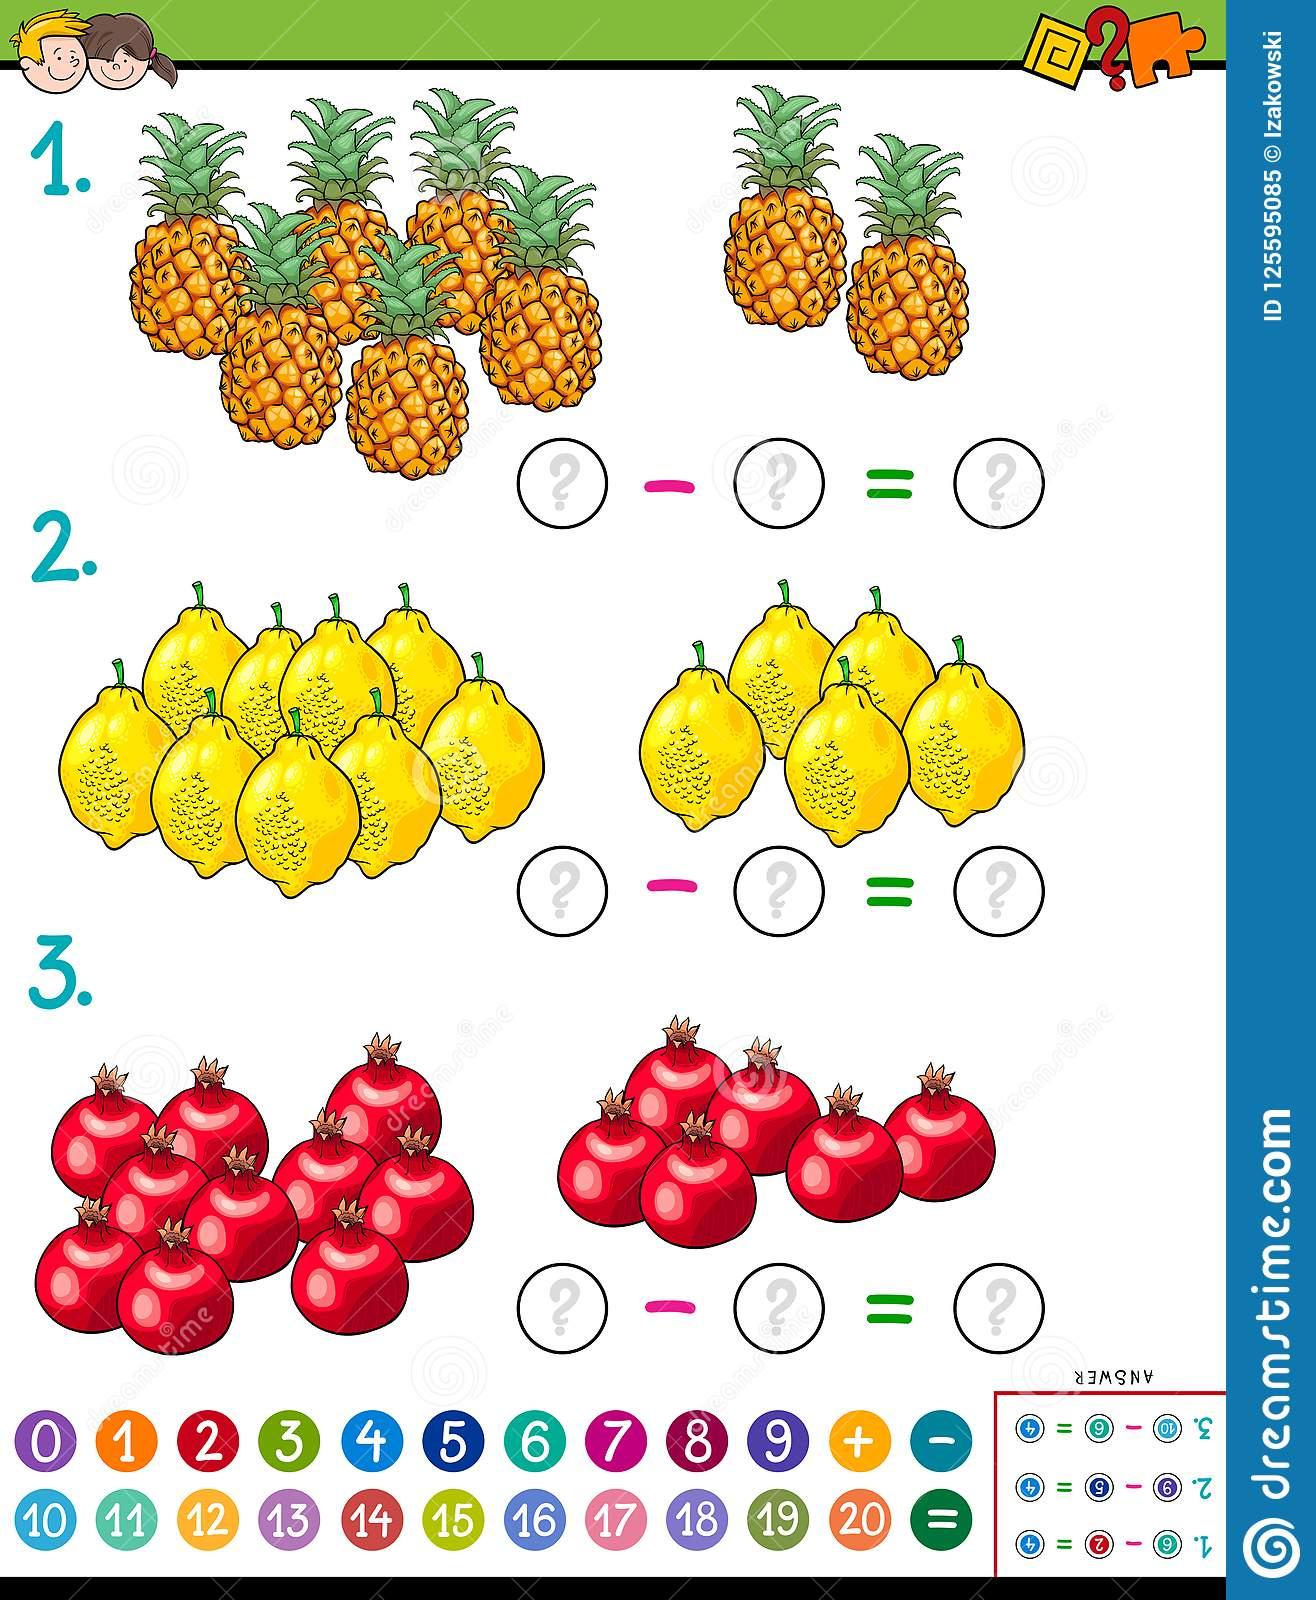 Jeu Éducatif De Calcul De Maths Pour Des Enfants concernant Jeu Calcul Enfant